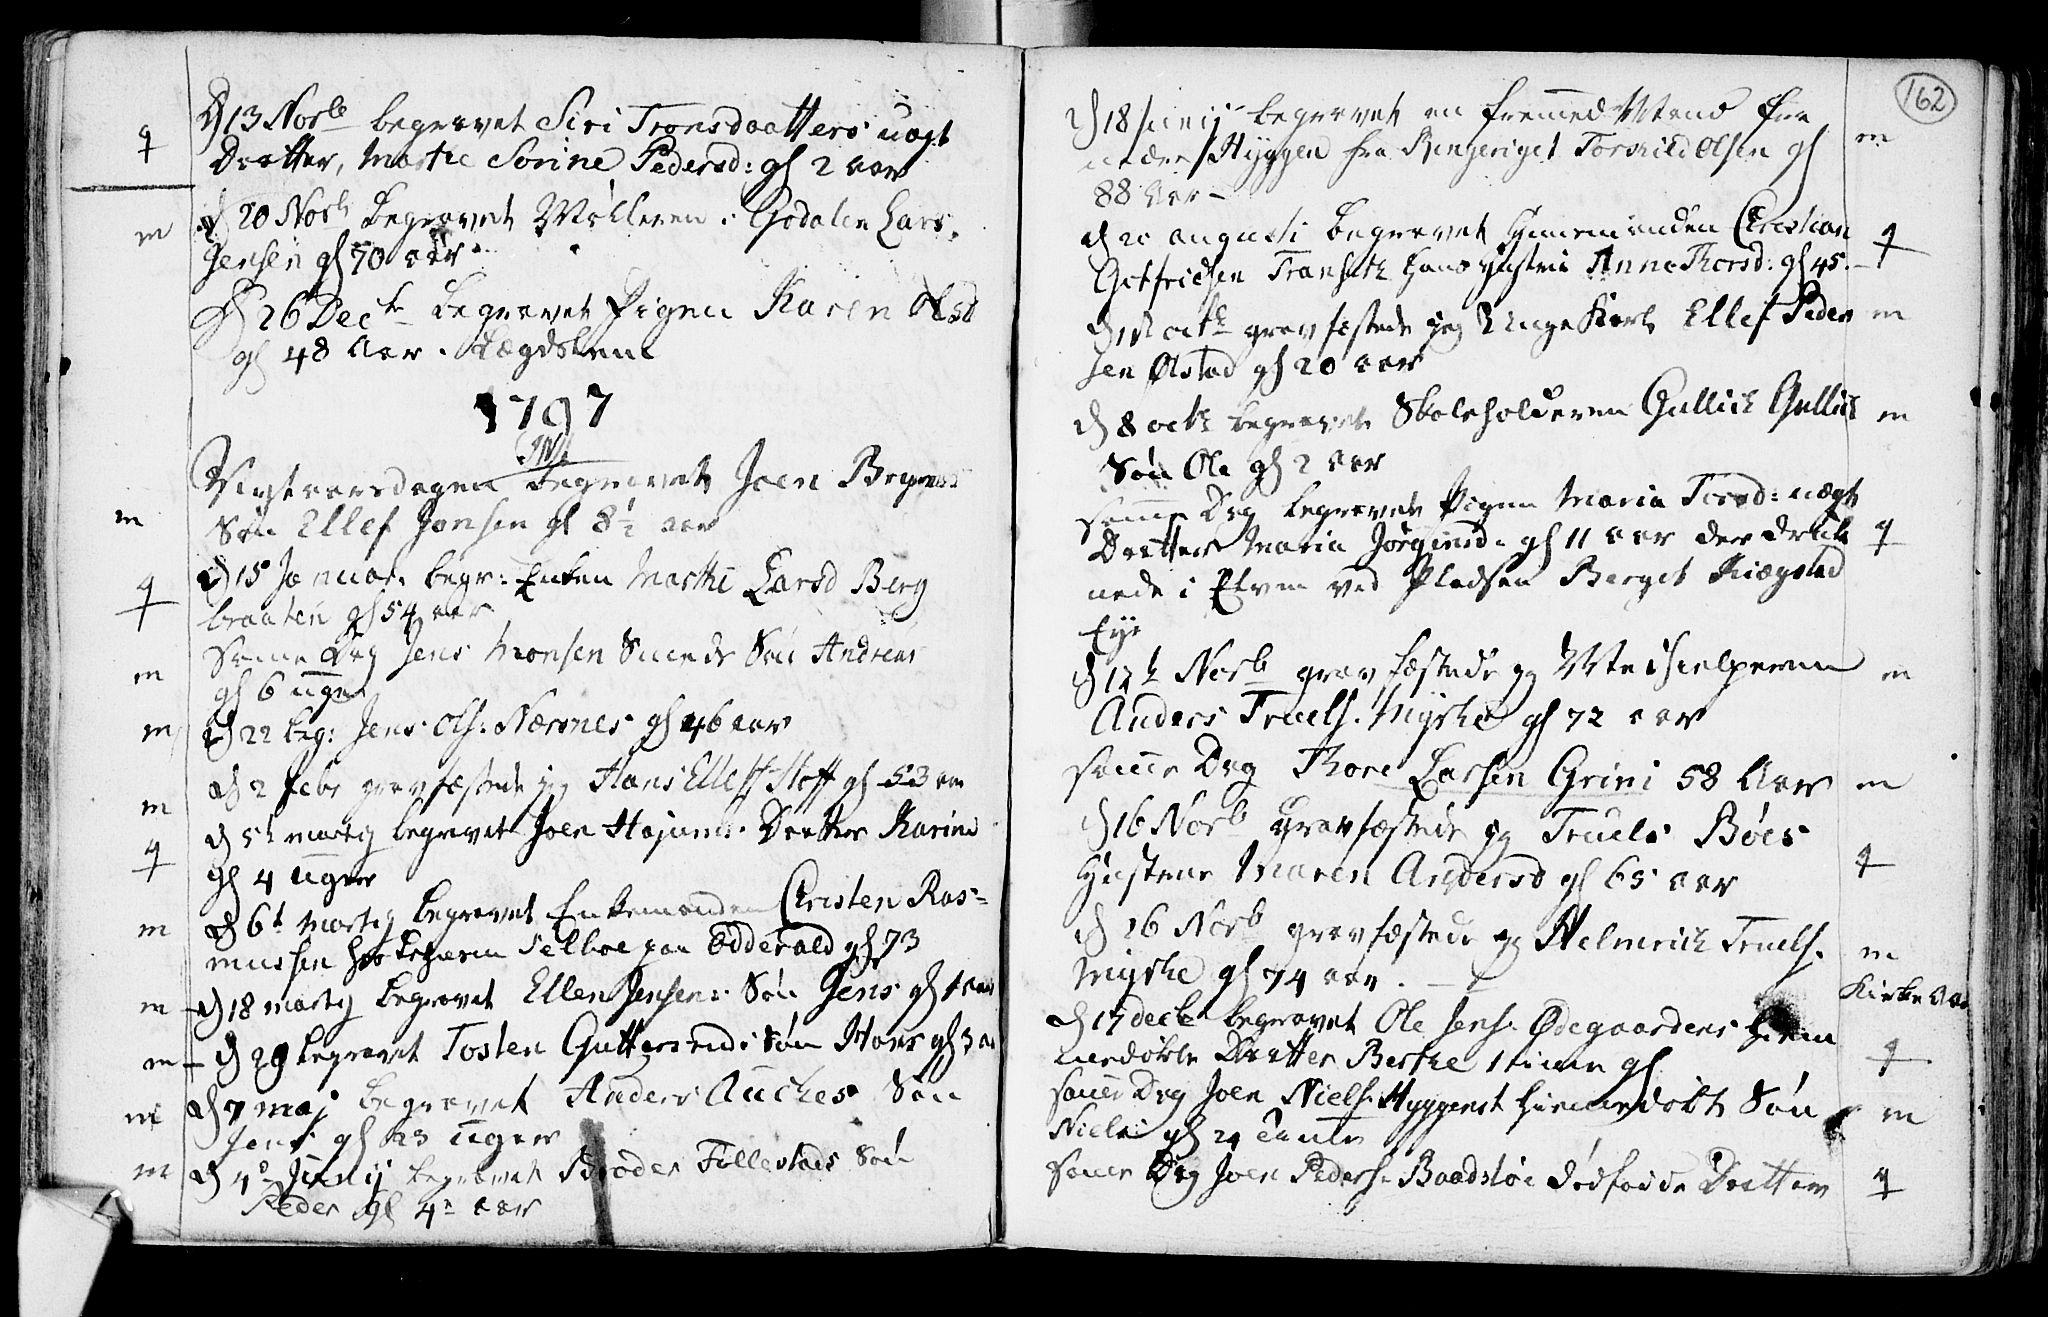 SAKO, Røyken kirkebøker, F/Fa/L0003: Ministerialbok nr. 3, 1782-1813, s. 162